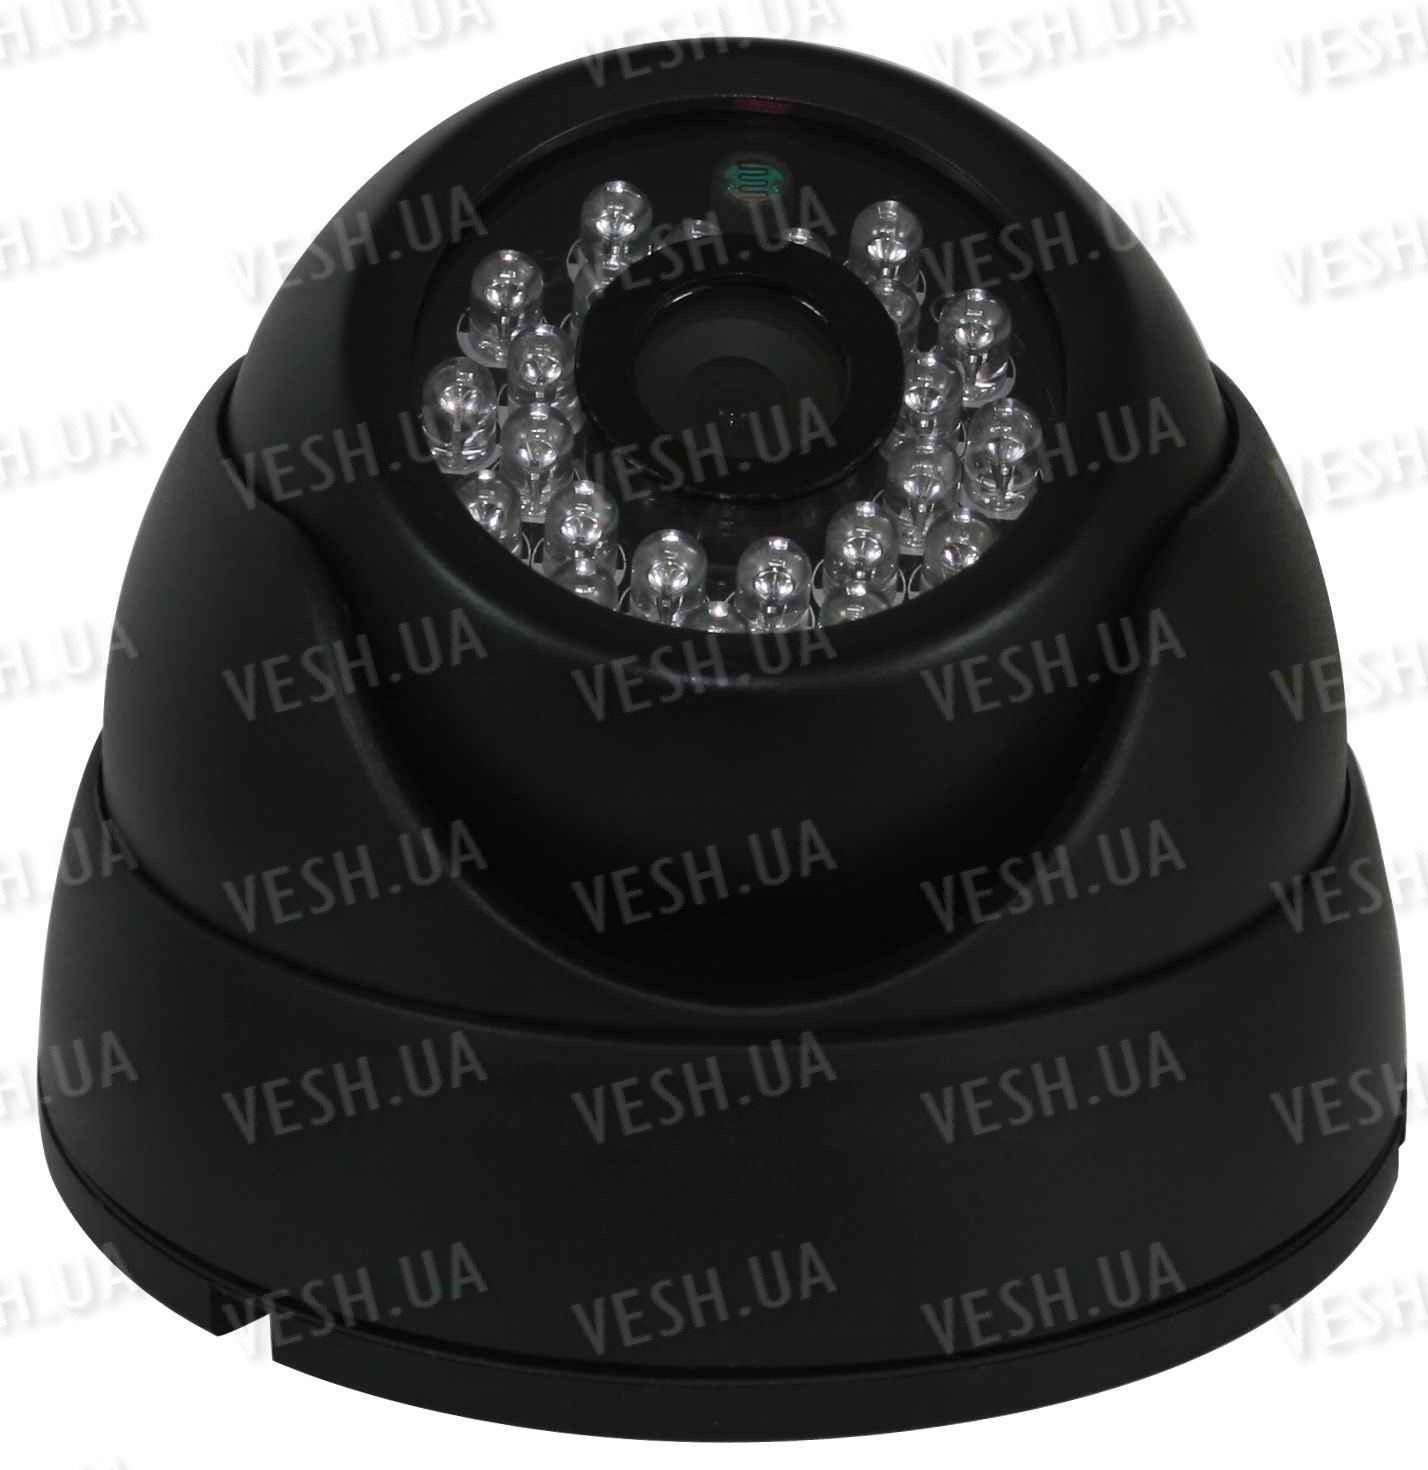 """Внутрення купольная CCTV цветная охранная камера видеонаблюдения 1/3"""" COLOR SONY Super HAD II, Effio-E, 480 TVL, 0 lux, ИК до 20 м (модель NCHMIR23)"""